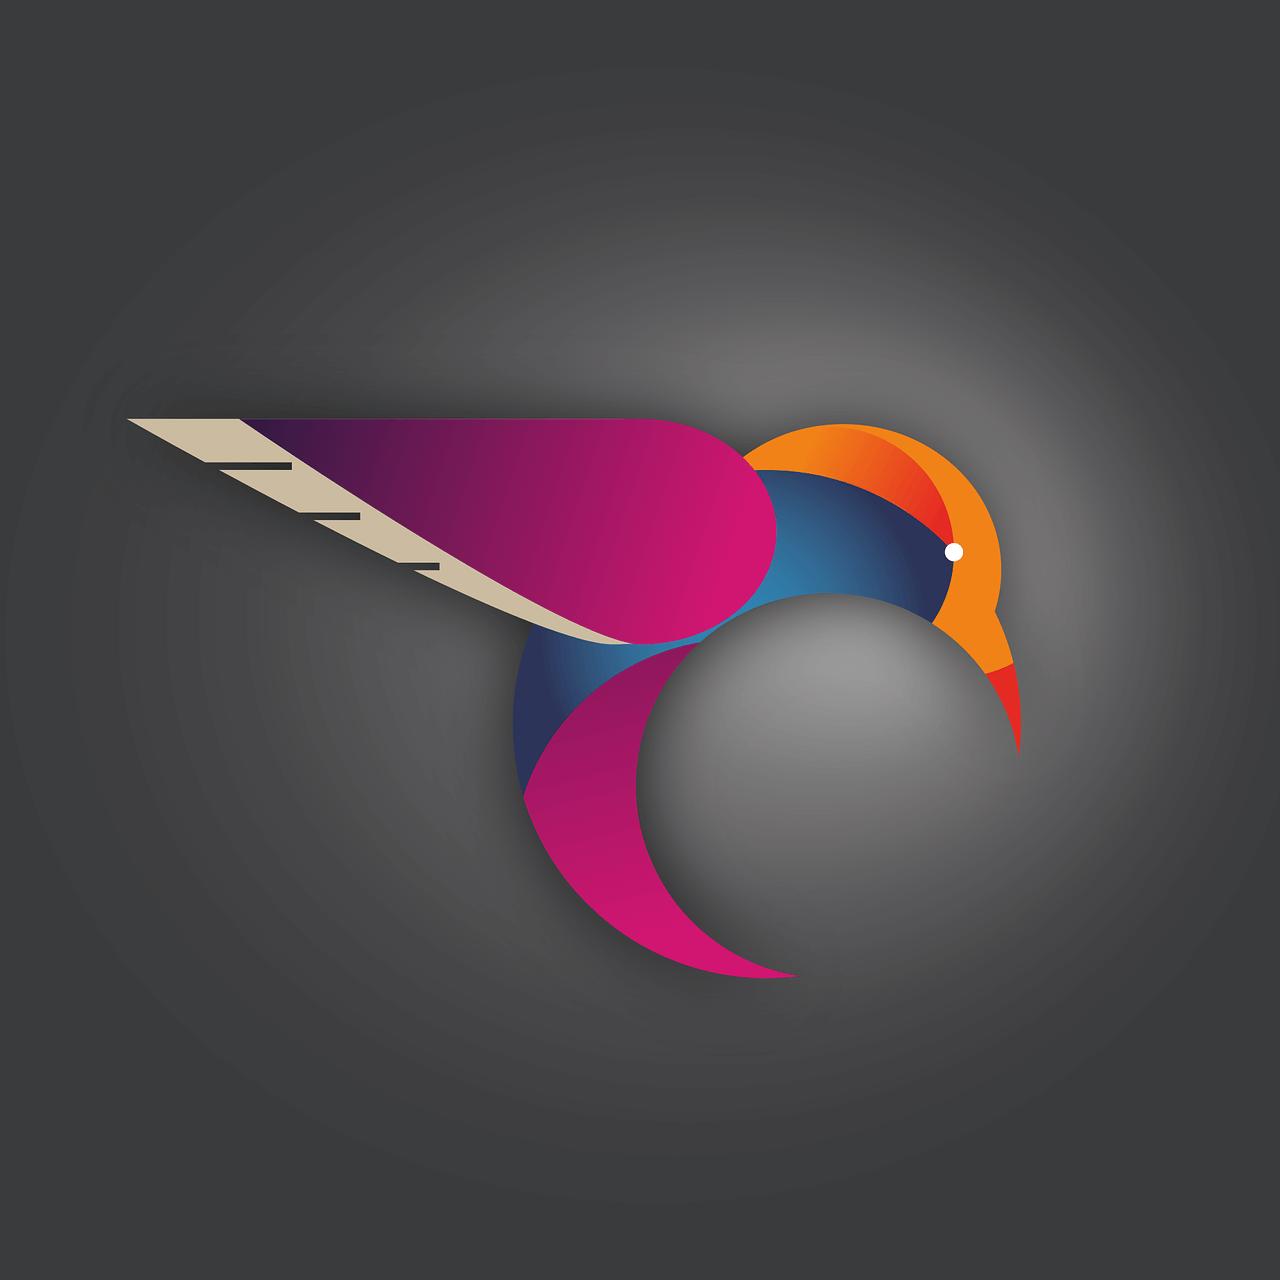 Best logo design software for PCs [2020 Guide].